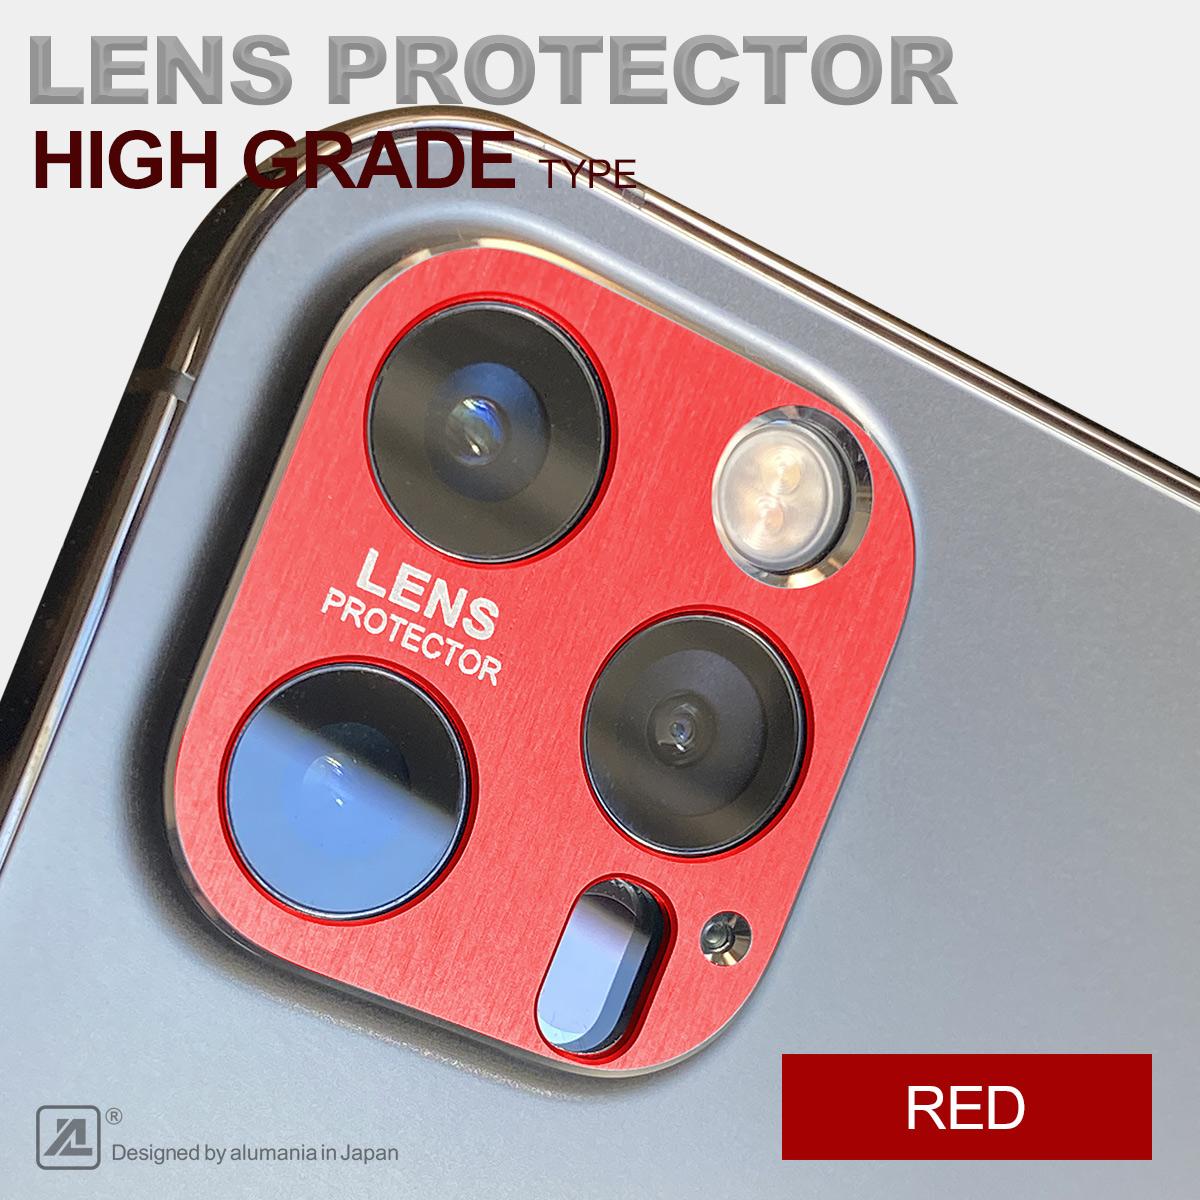 iPhone12ProレンズプロテクターHGのレッド